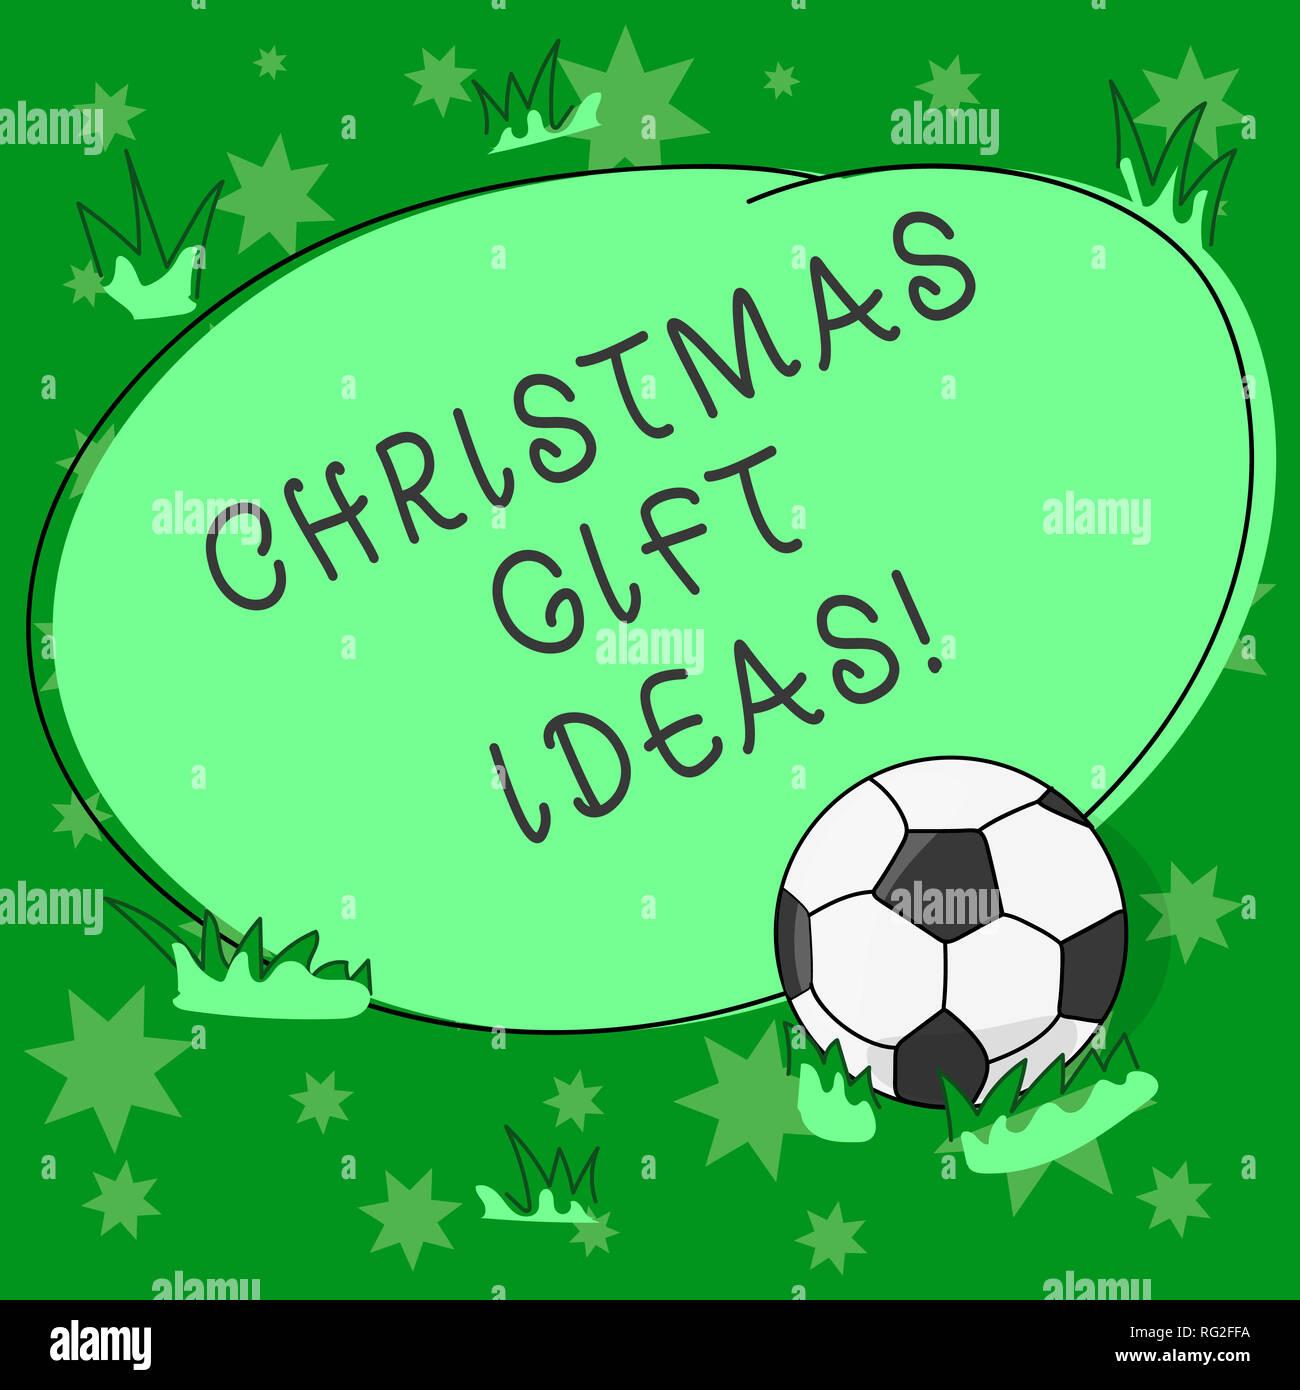 Schreiben Hinweis Ubersicht Weihnachten Geschenk Ideen